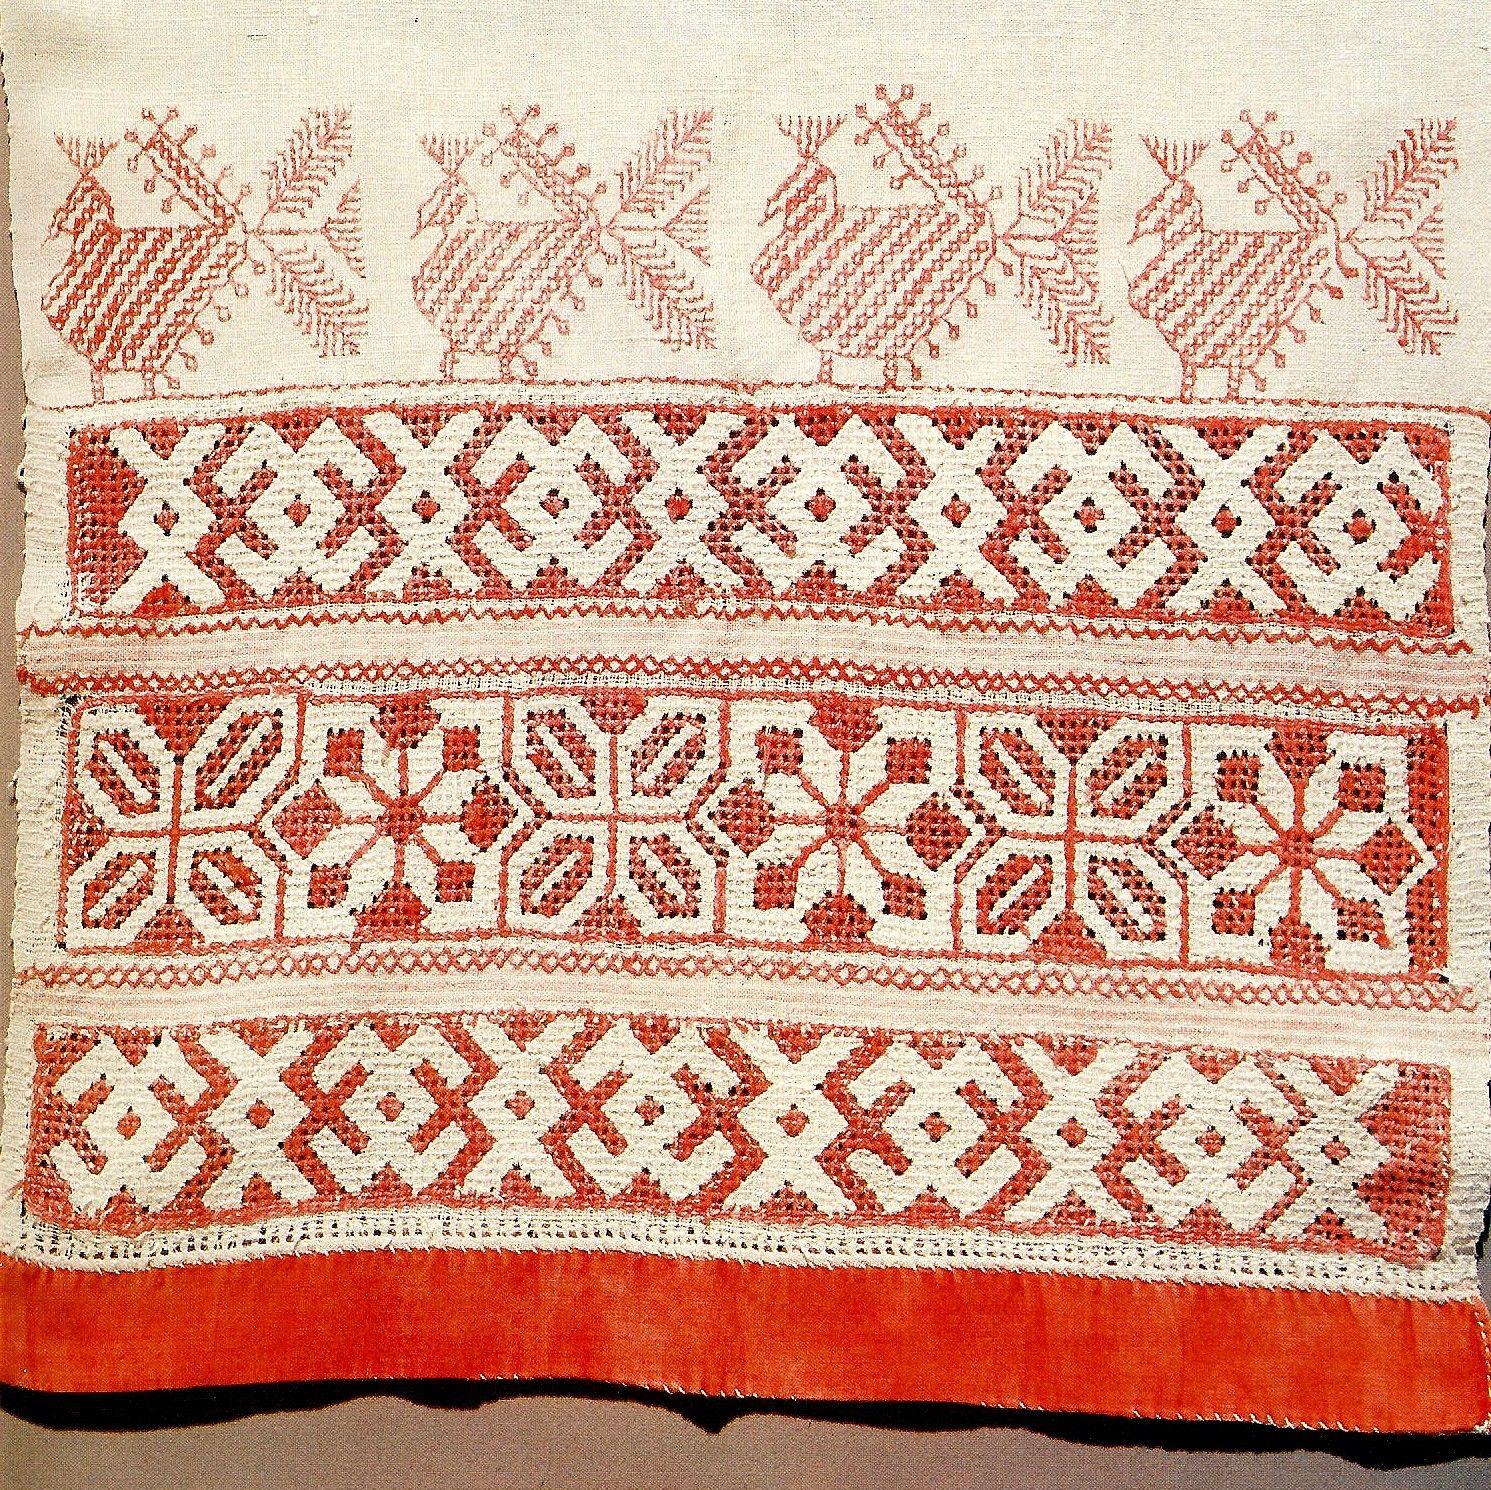 полотенце русское народное картинки как нарисовать какому типу